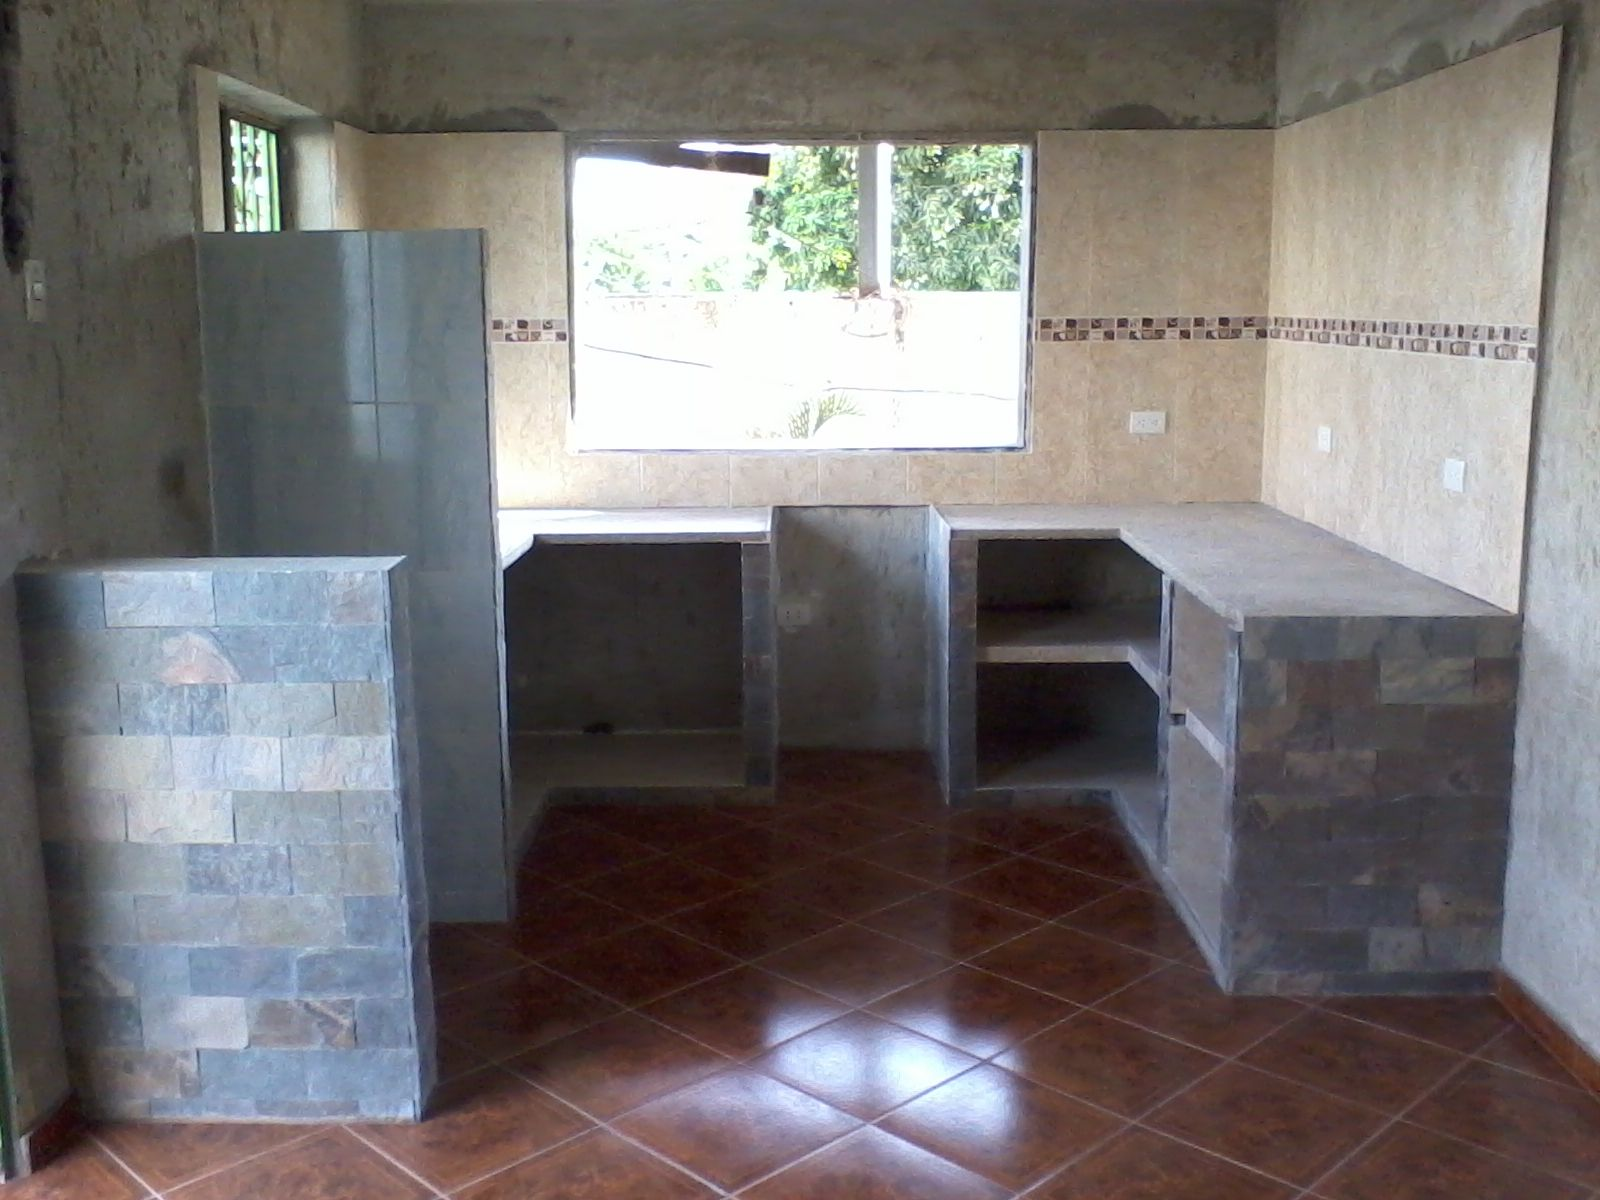 Cocina En Mamposteria Recubierta Con Ceramica Y Laja Rectificada Otro Proyecto Con Fe Cocina De Concreto Cocina De Cemento Revestimiento De Paredes Interiores